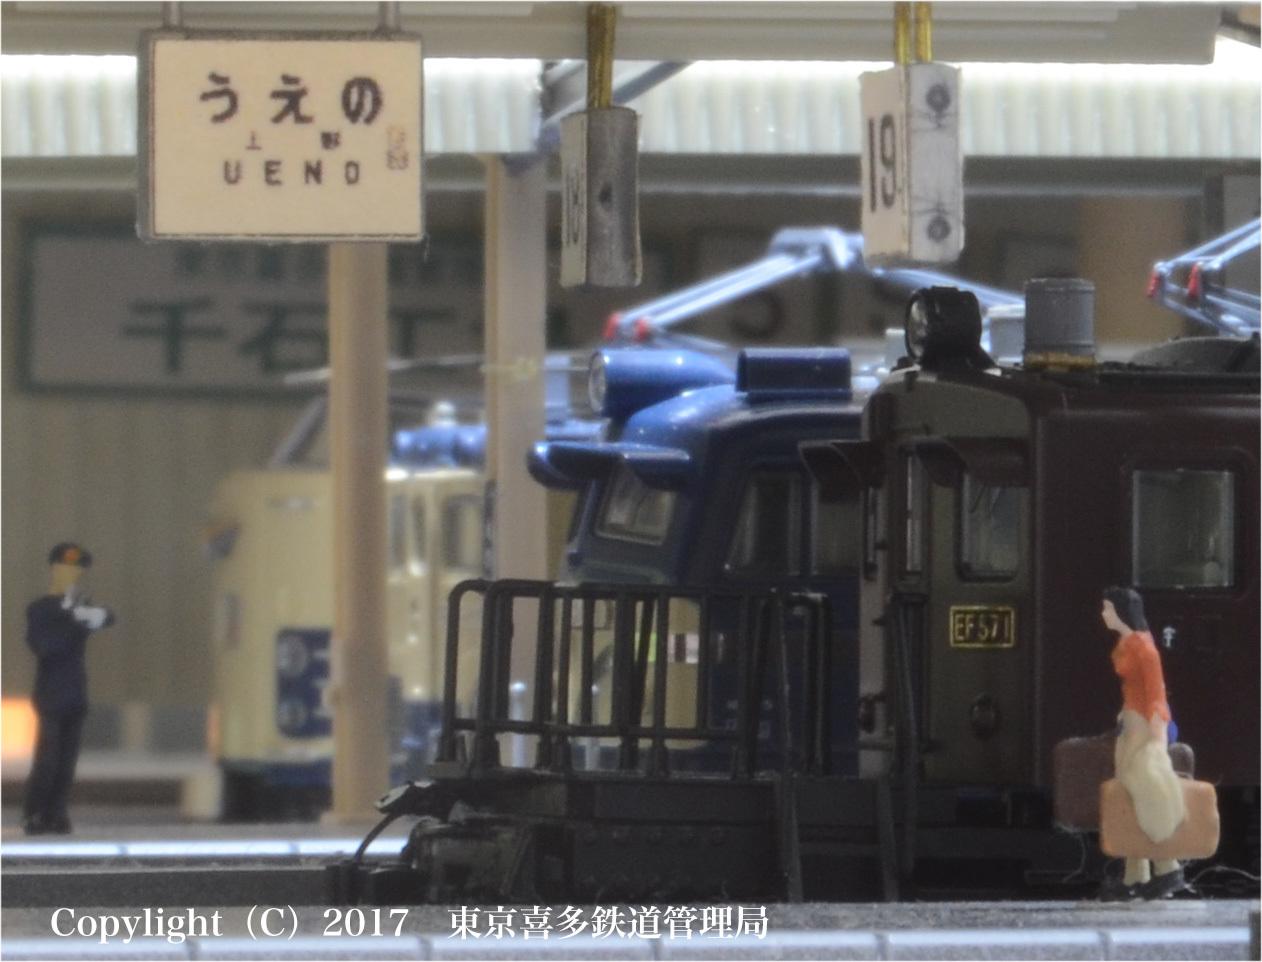 170121_ueno_chihei_001.jpg